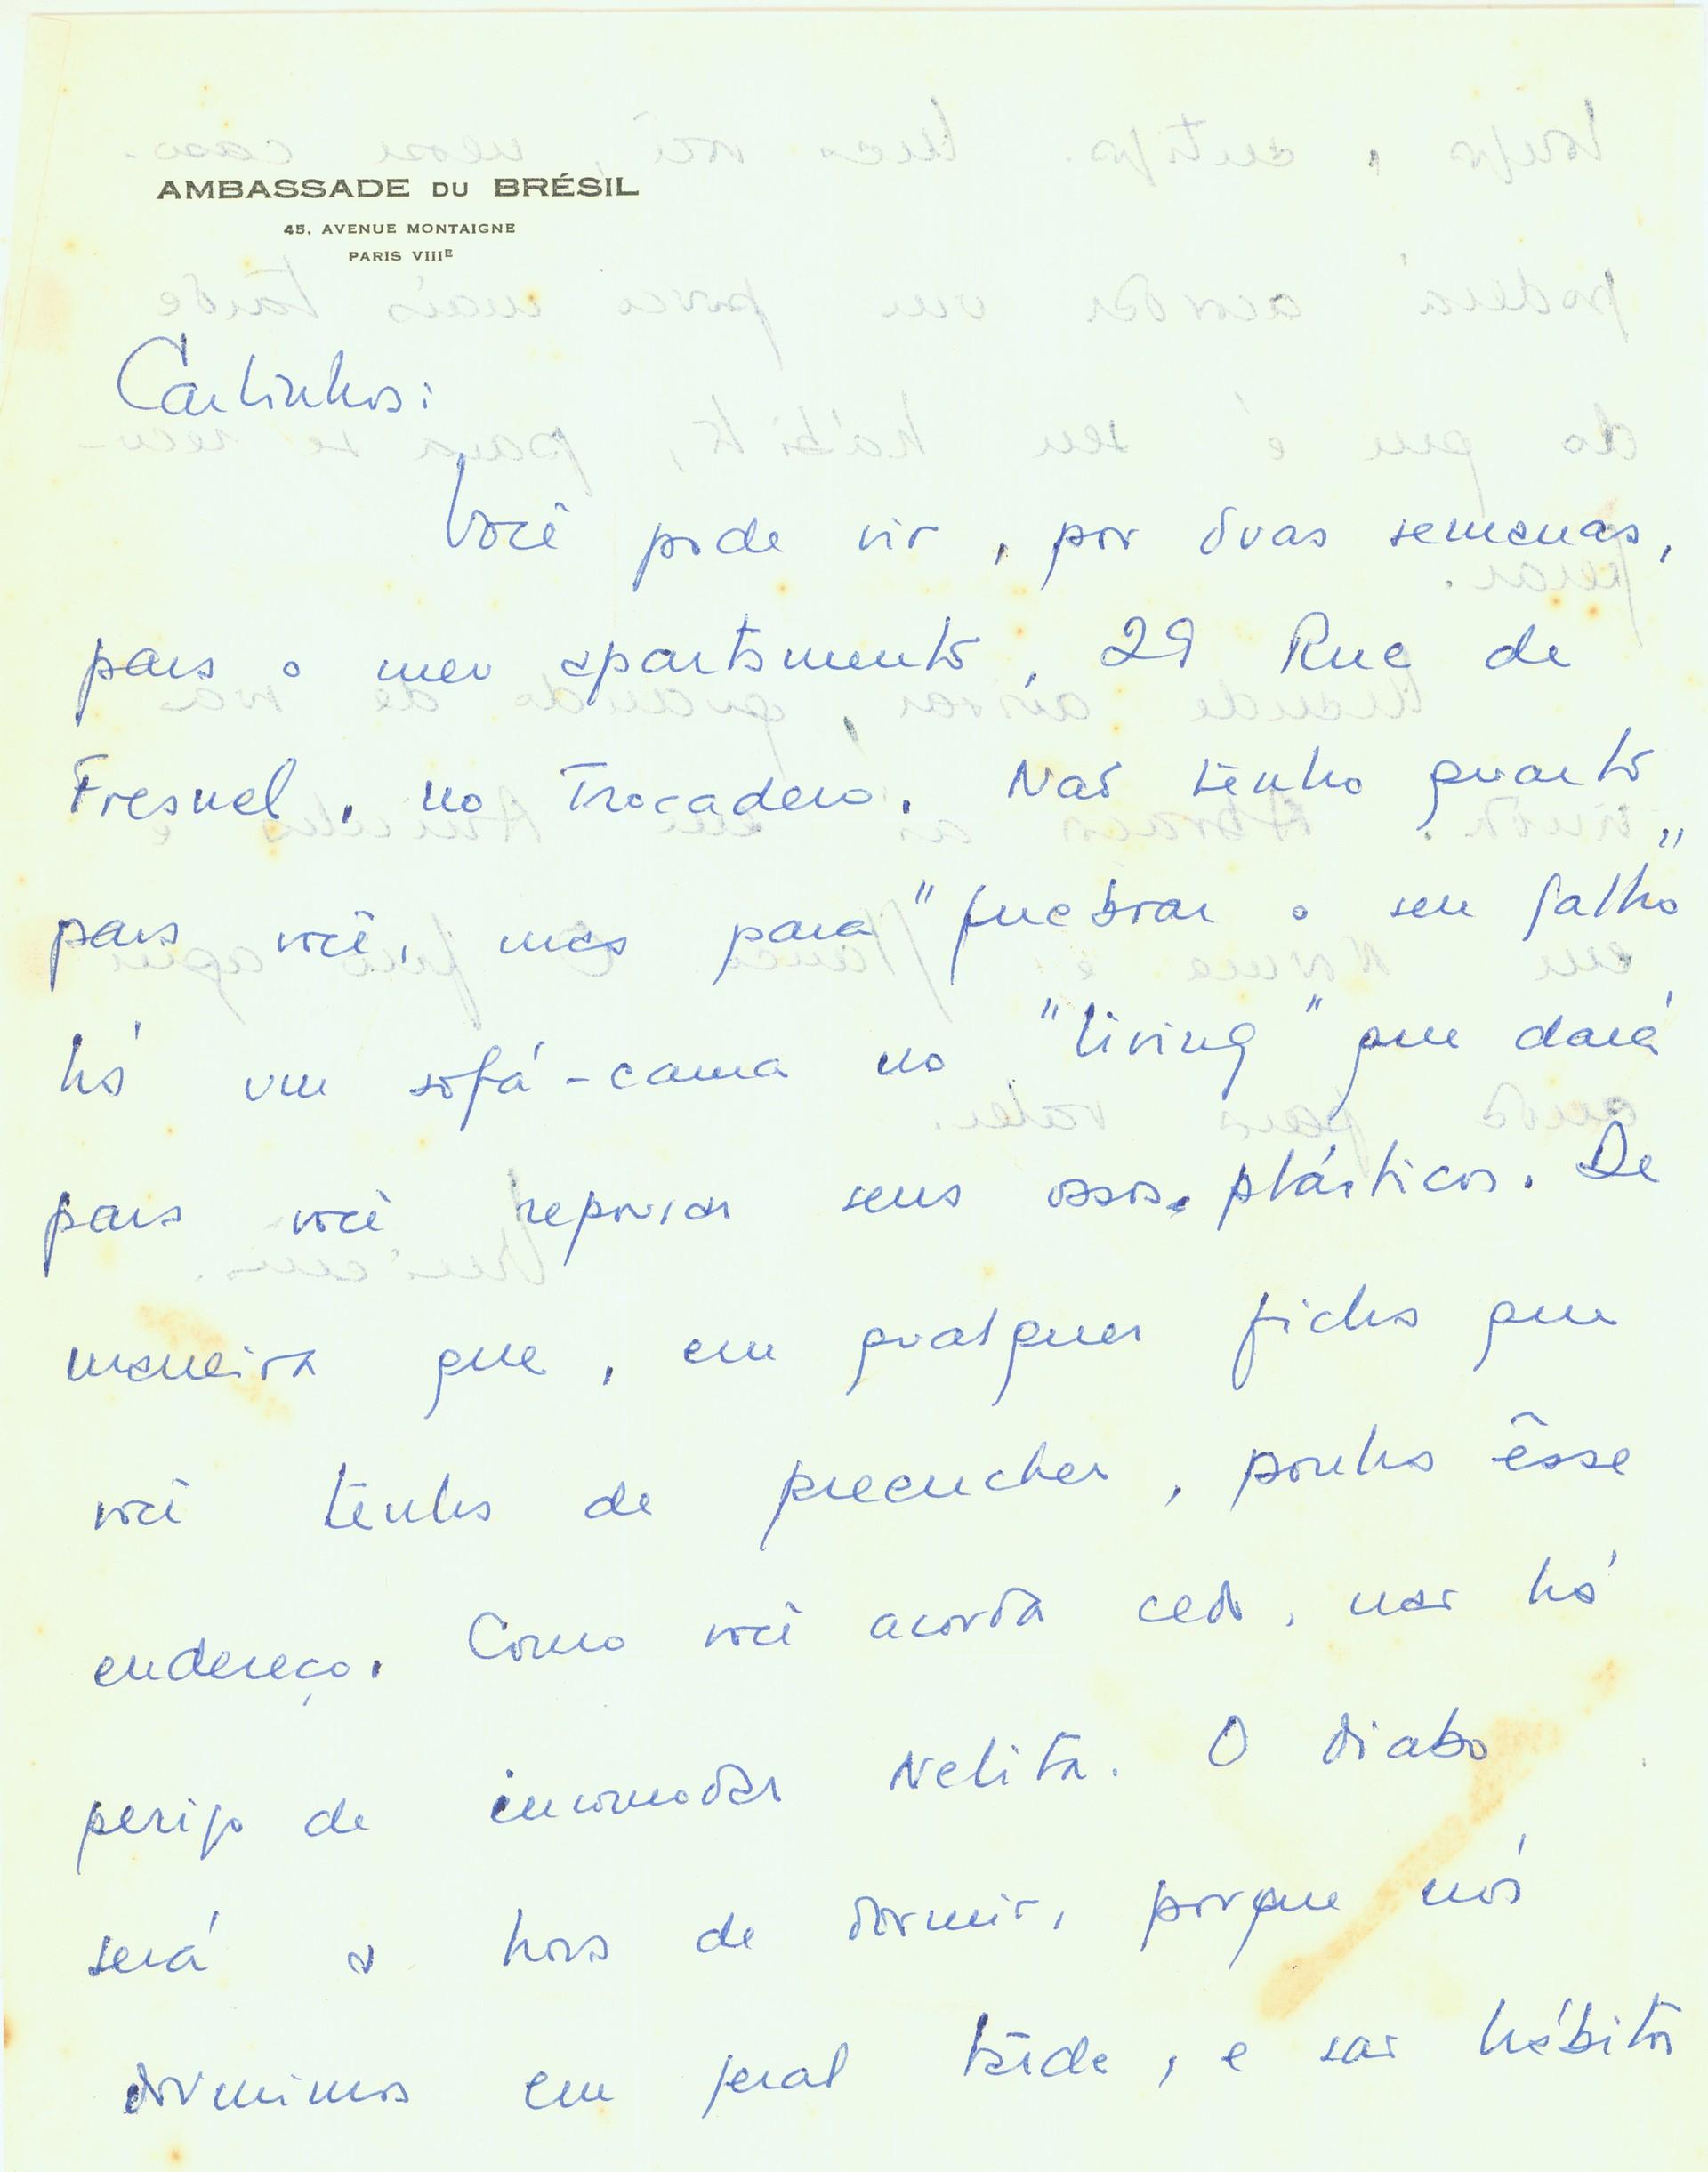 Vinícius de Moraes entra em contato com Carlos Scliar em 1963. (Foto: Divulgação / Instituto Carlos Scliar)